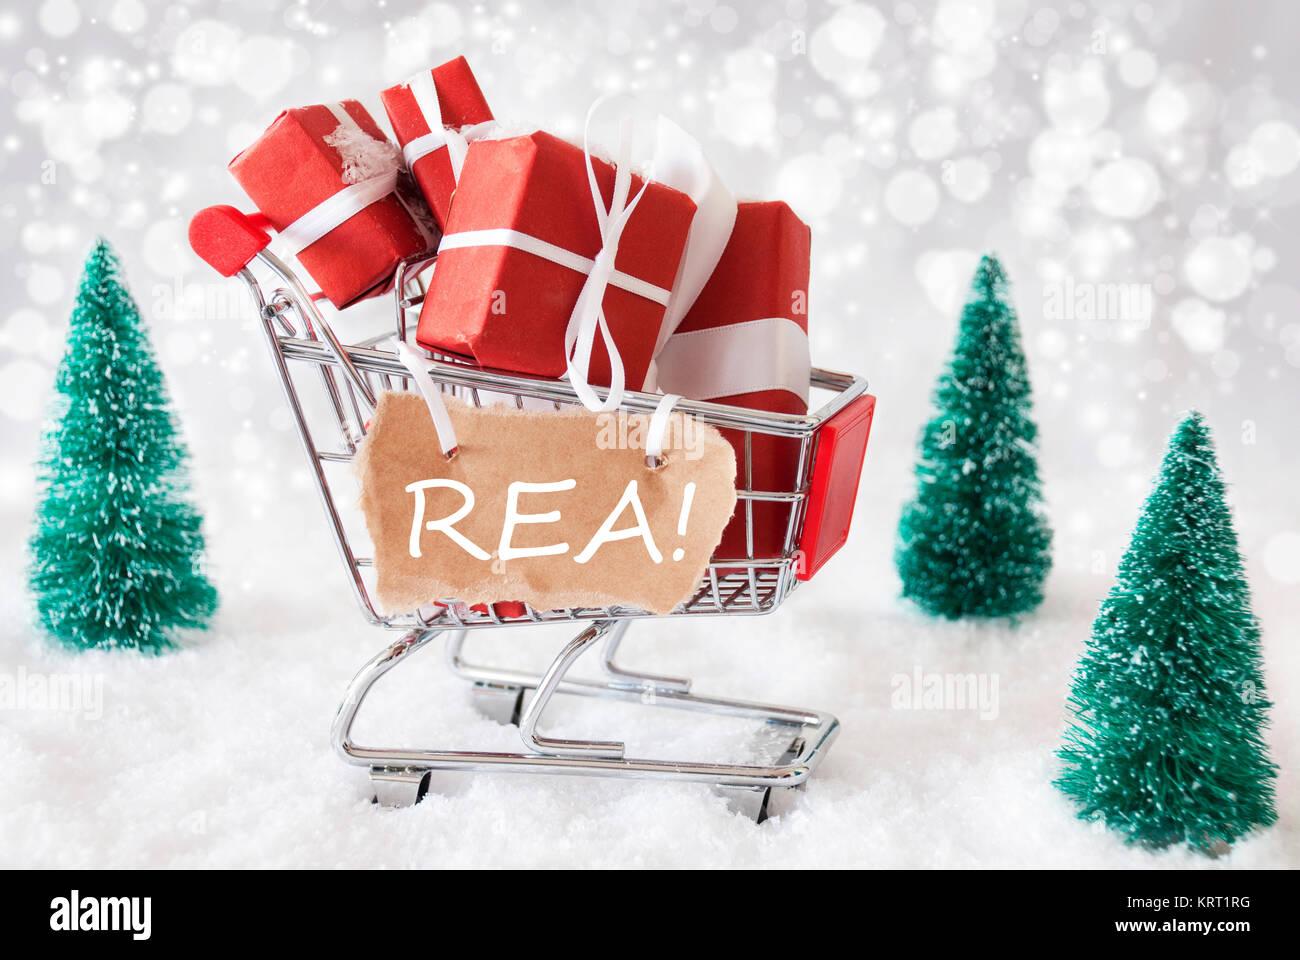 Regali Di Natale Inglese.Trollye Con Regali Di Natale O Regali Scenario Innevato Con